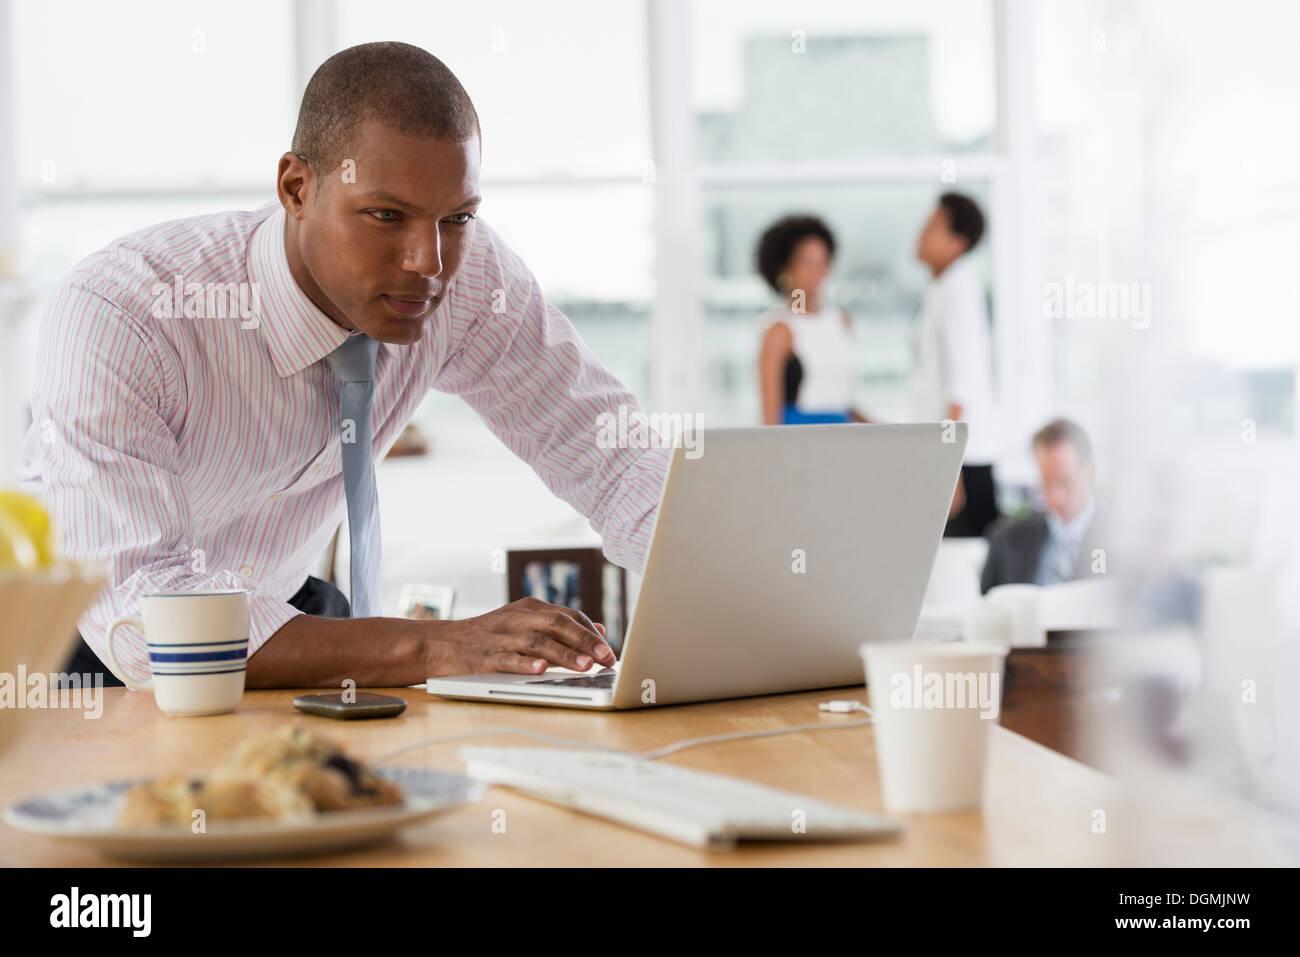 Ufficio. Un giovane uomo che utilizza un computer portatile su una scrivania. Immagini Stock